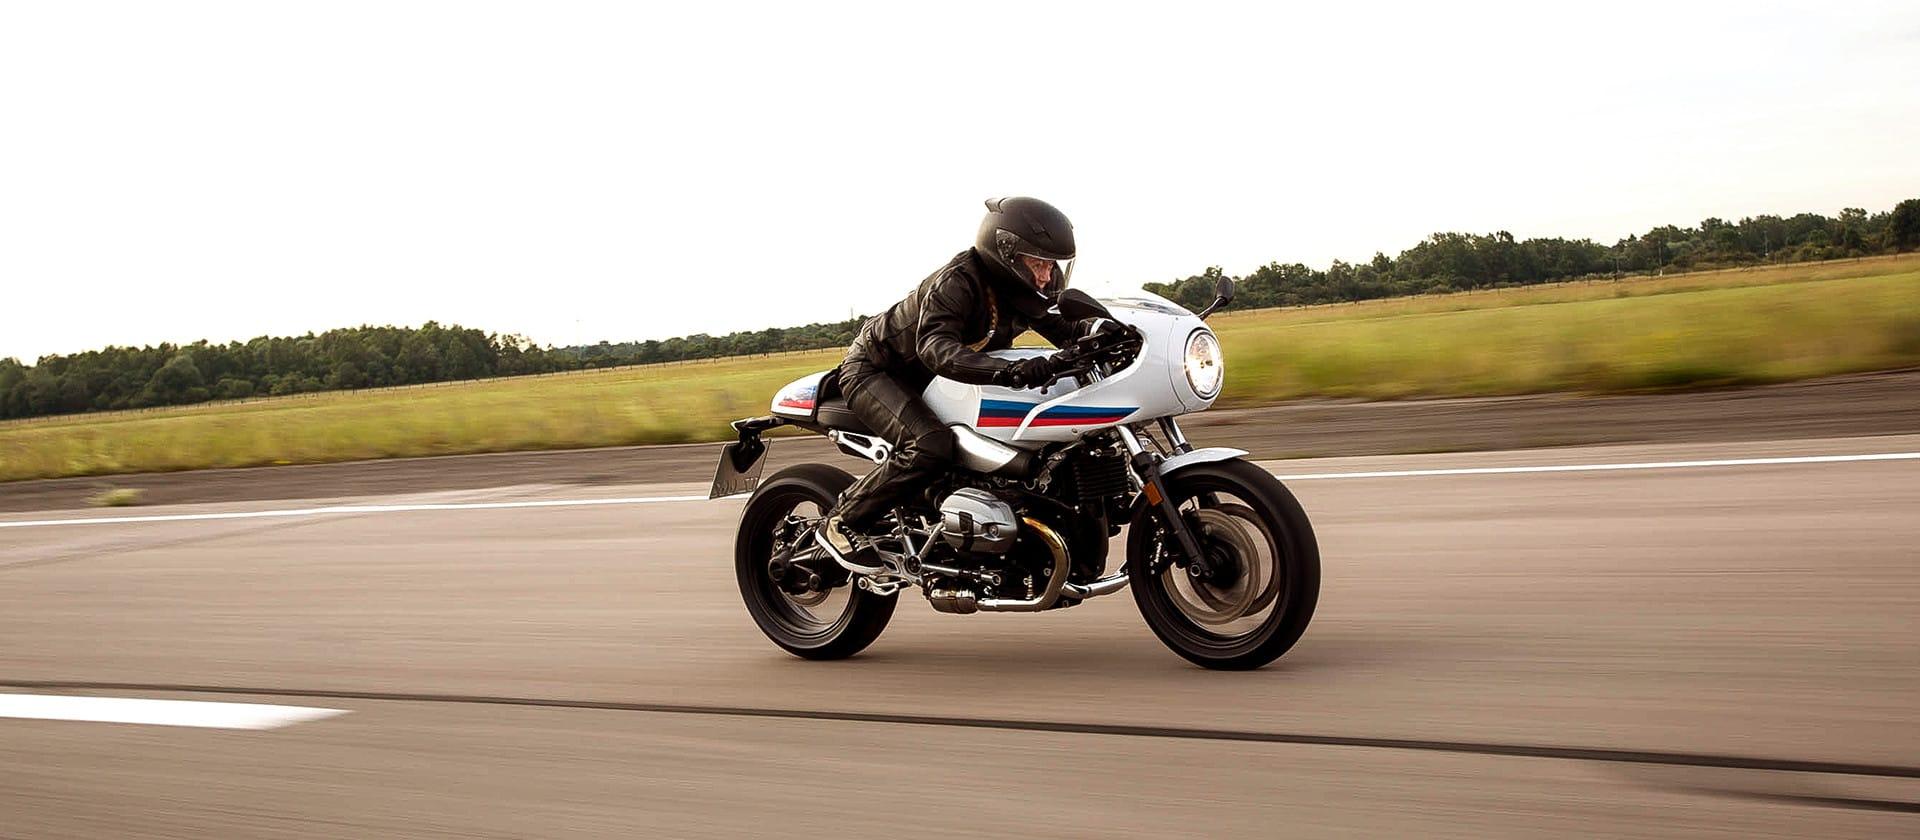 R NineT Racer overtaking